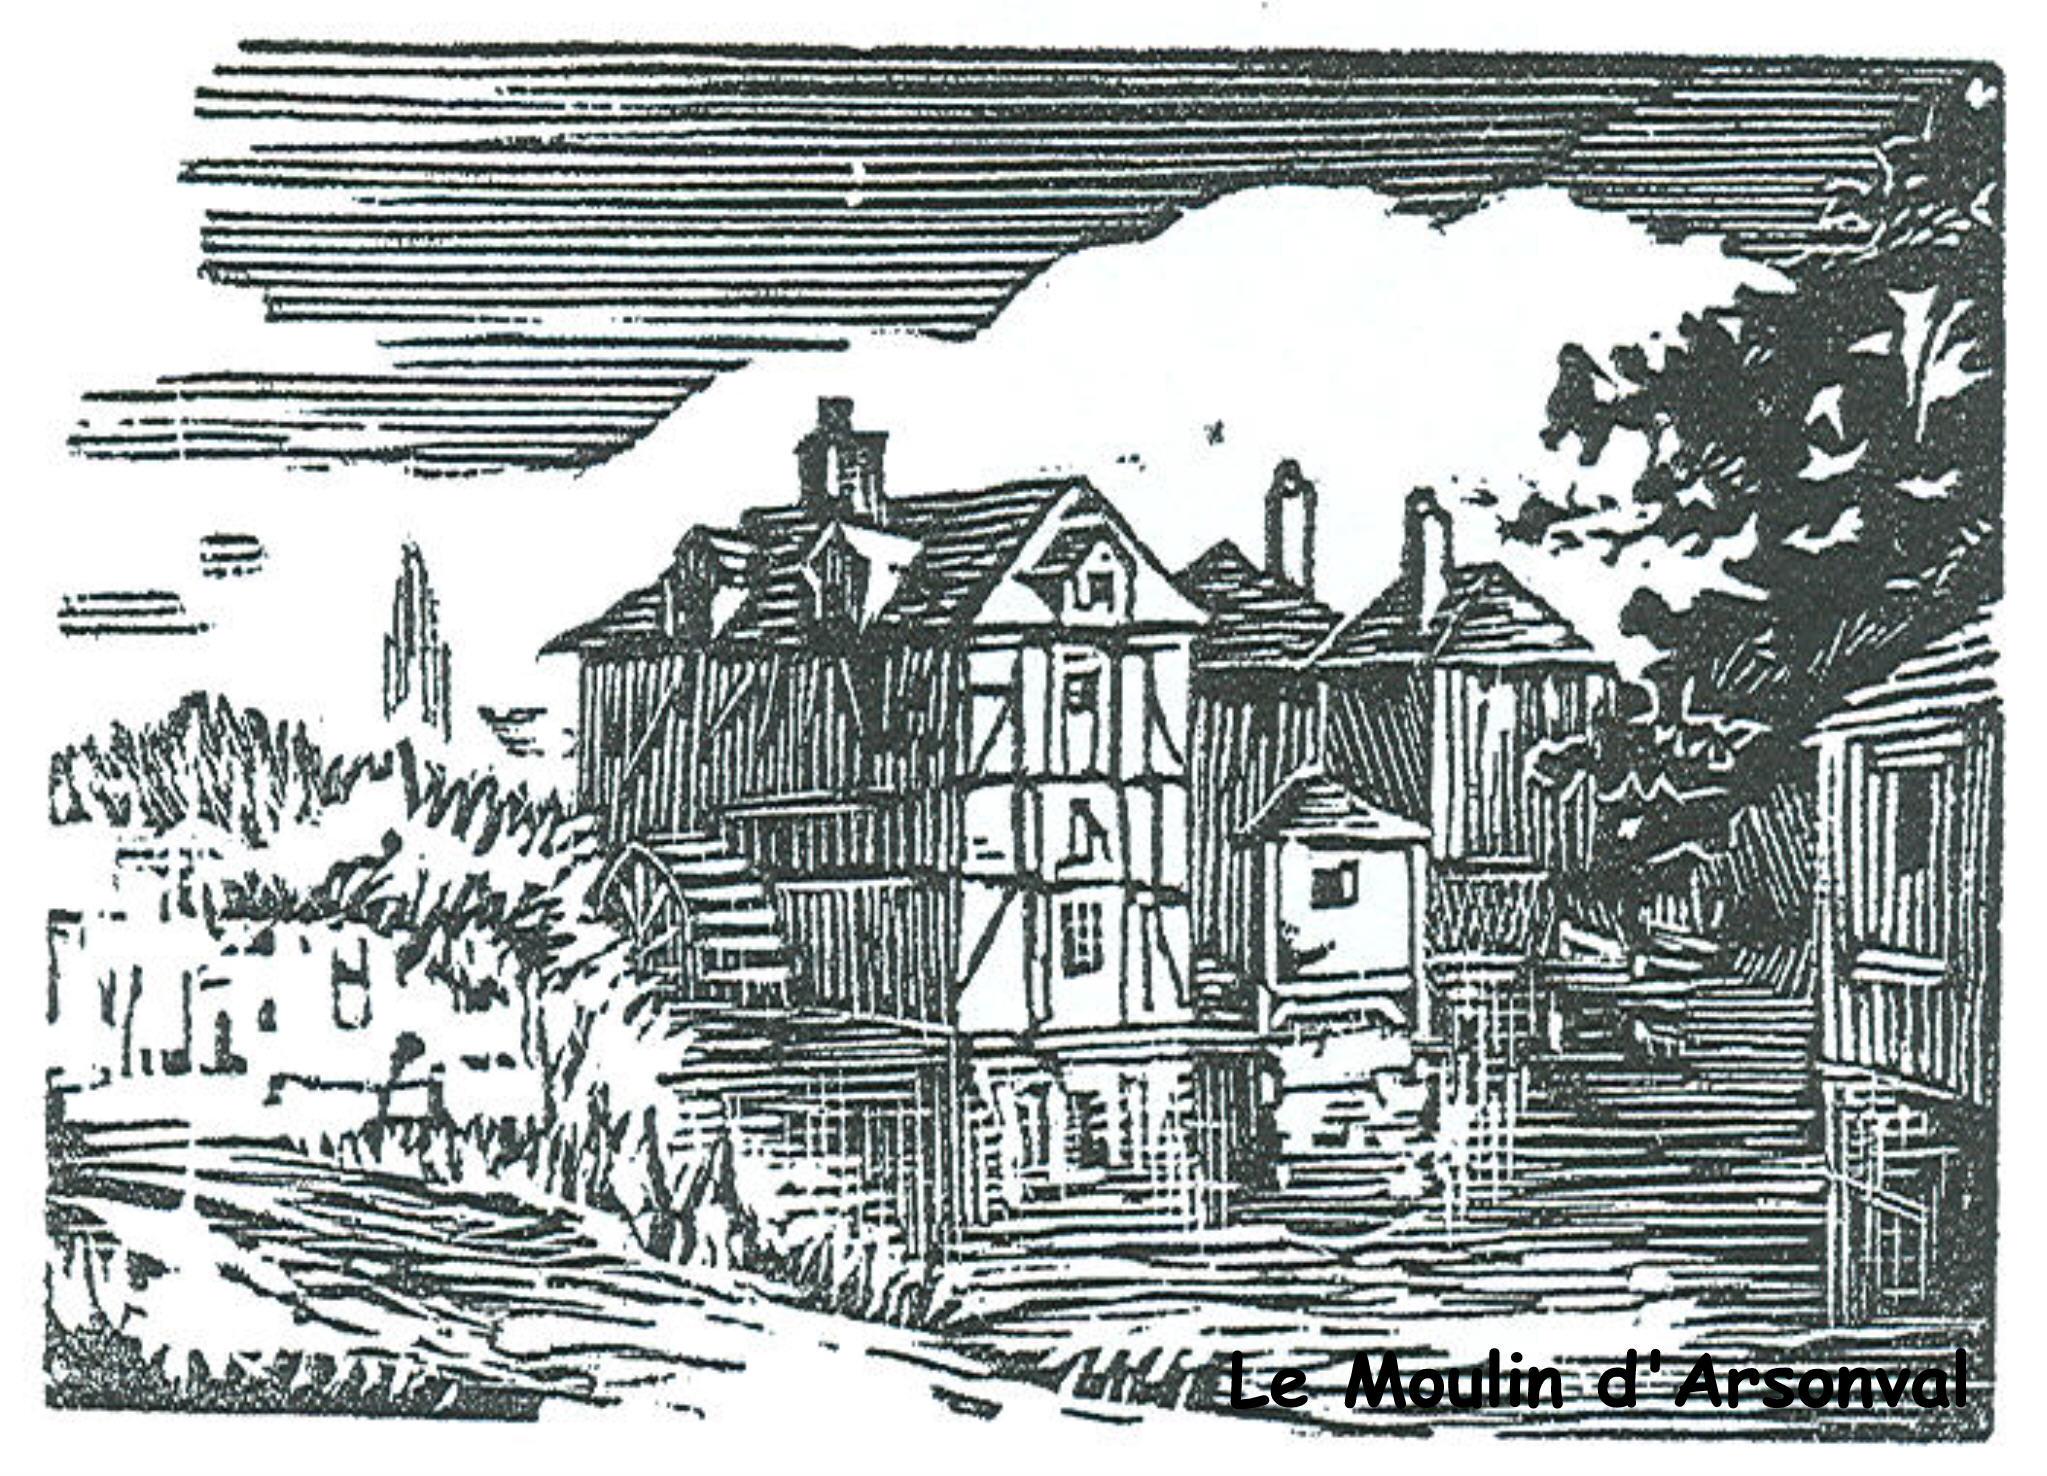 Le Moulin d'Arsonval